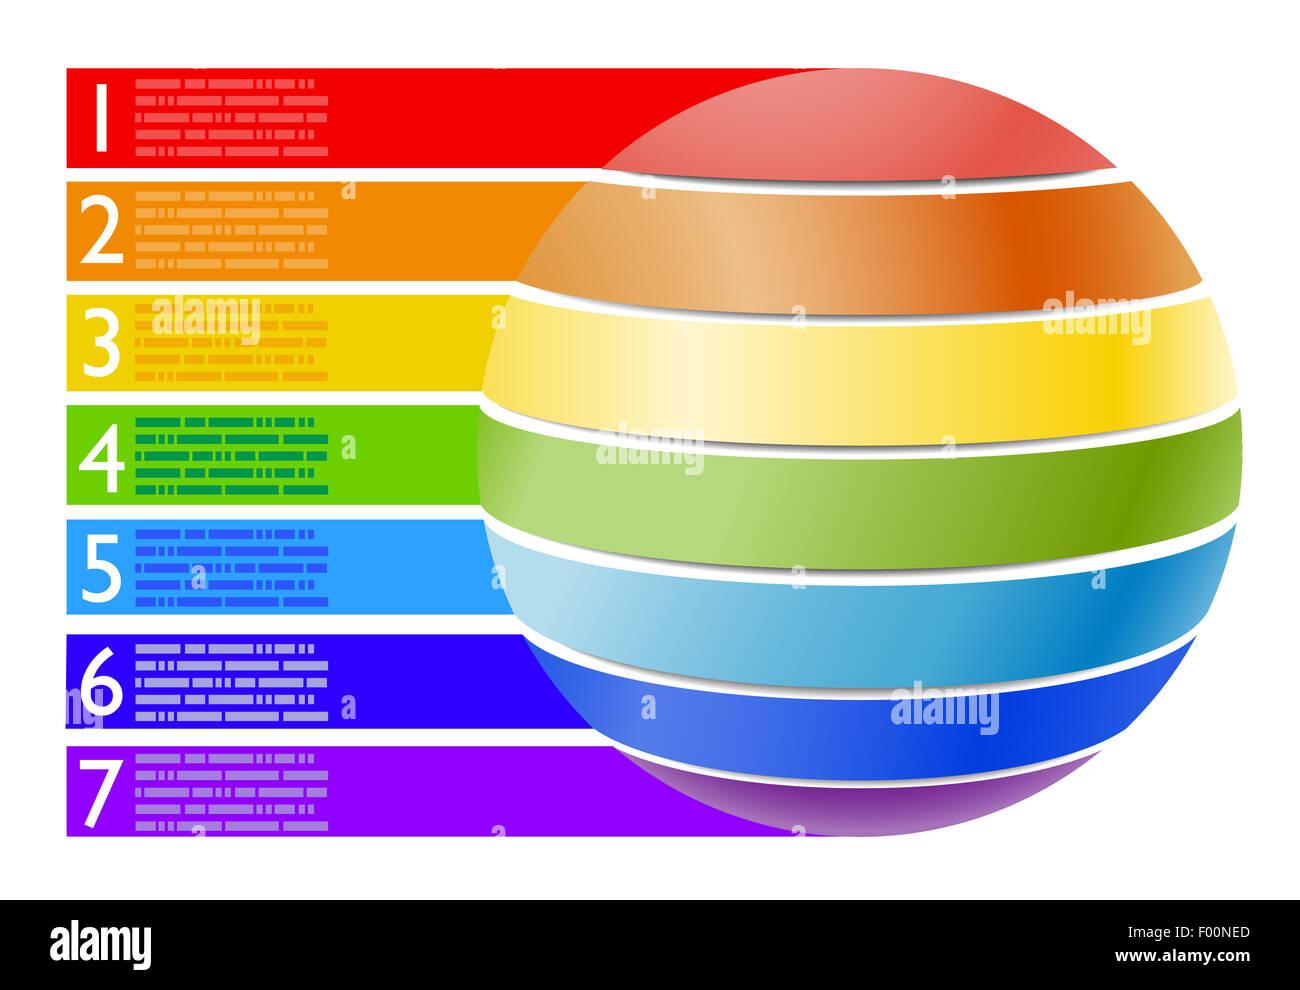 infografik beispiele lebensmittel pyramide kuchen - Kuchen Beispiele